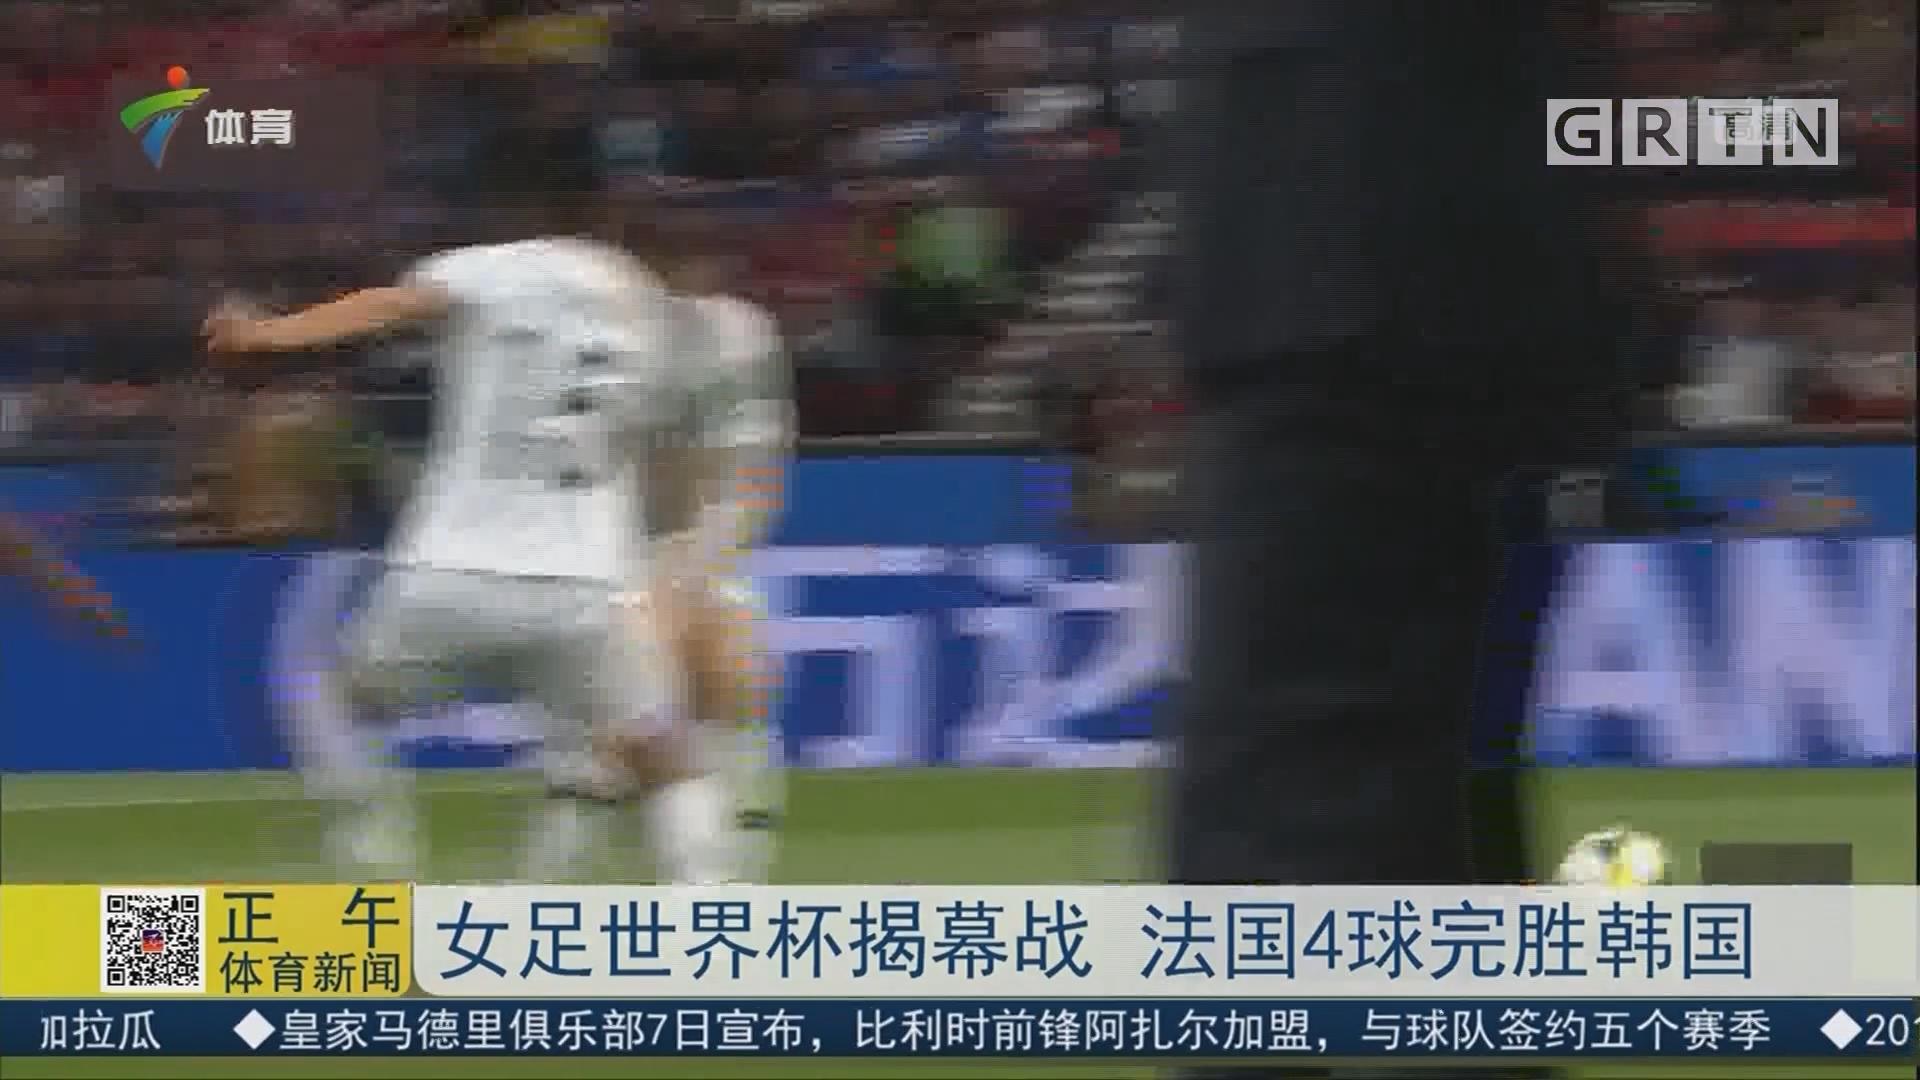 女足世界杯揭幕战 法国4球完胜韩国